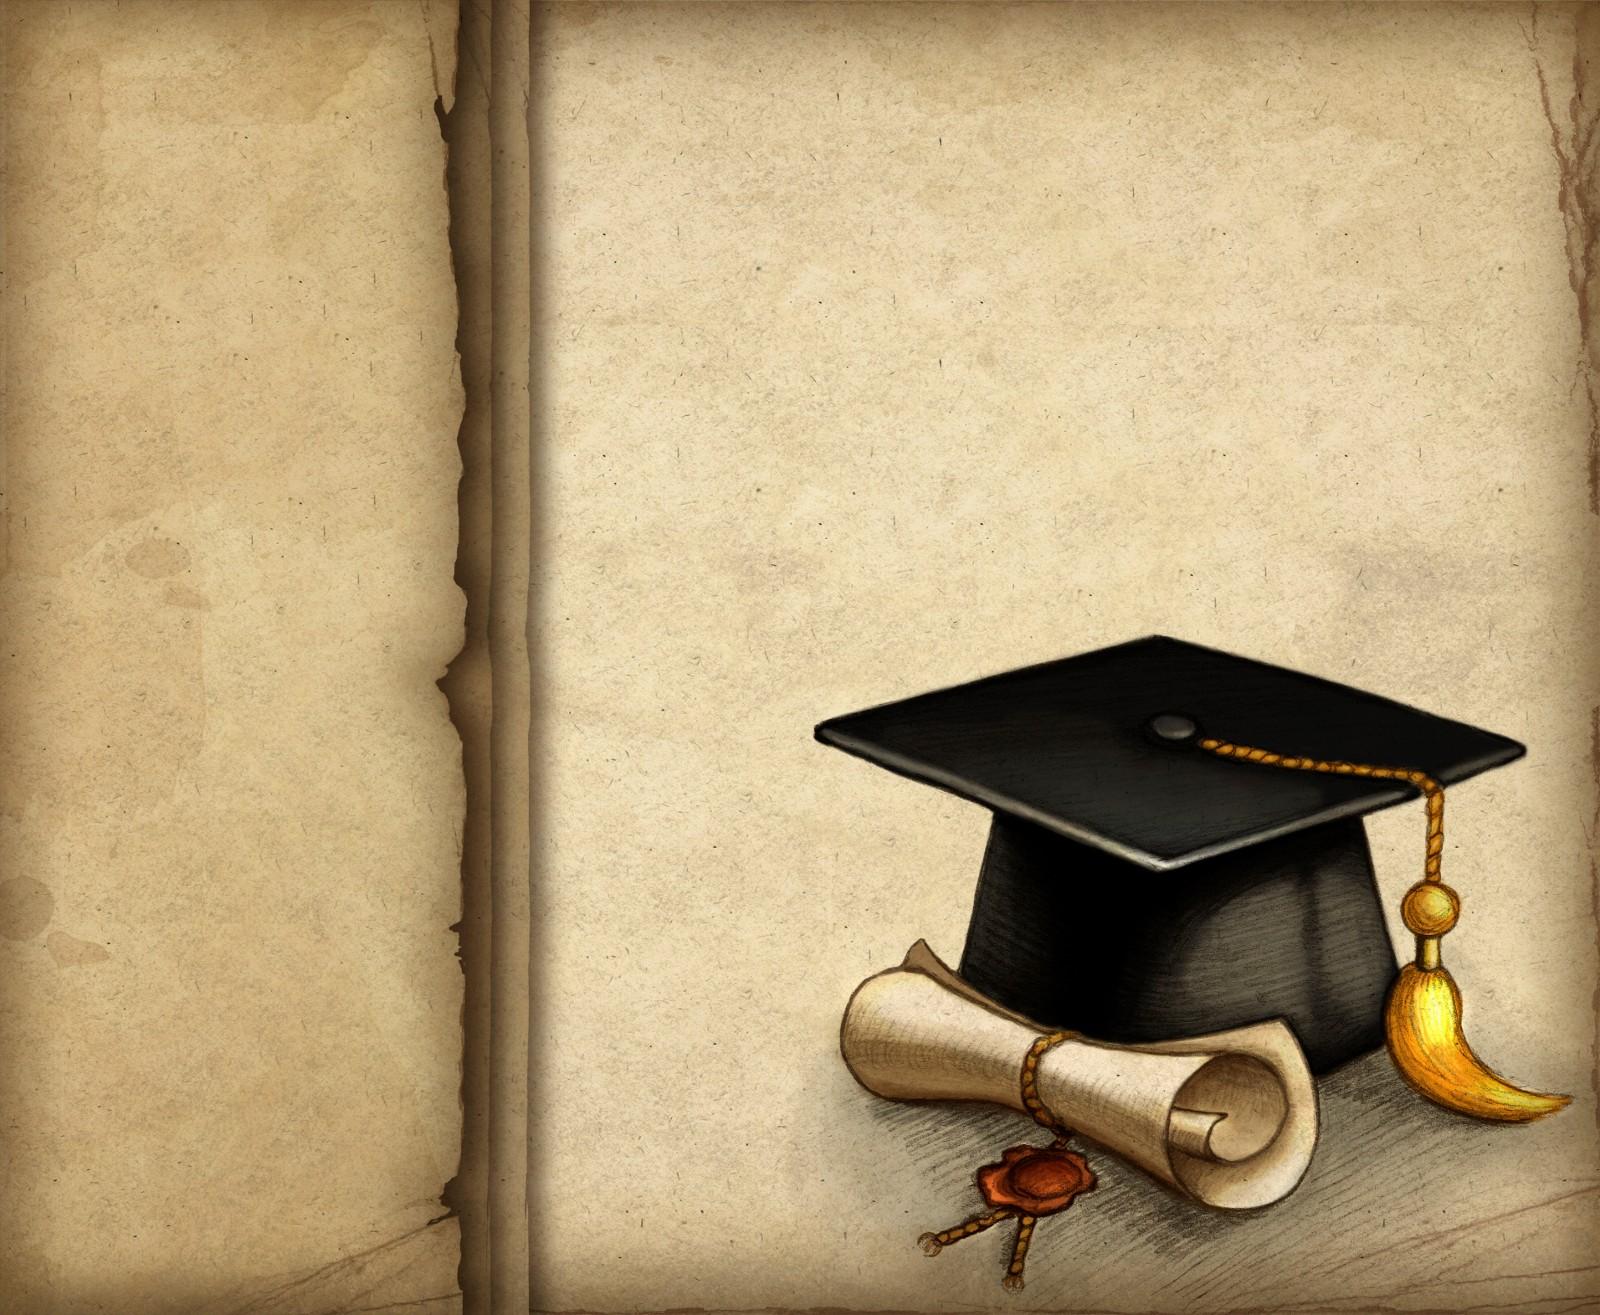 Tarjetas De Felicitaciones Para Graduacion Awesome Dibujos Y Plantillas Para Imprimir Tarjetas De Graduacion